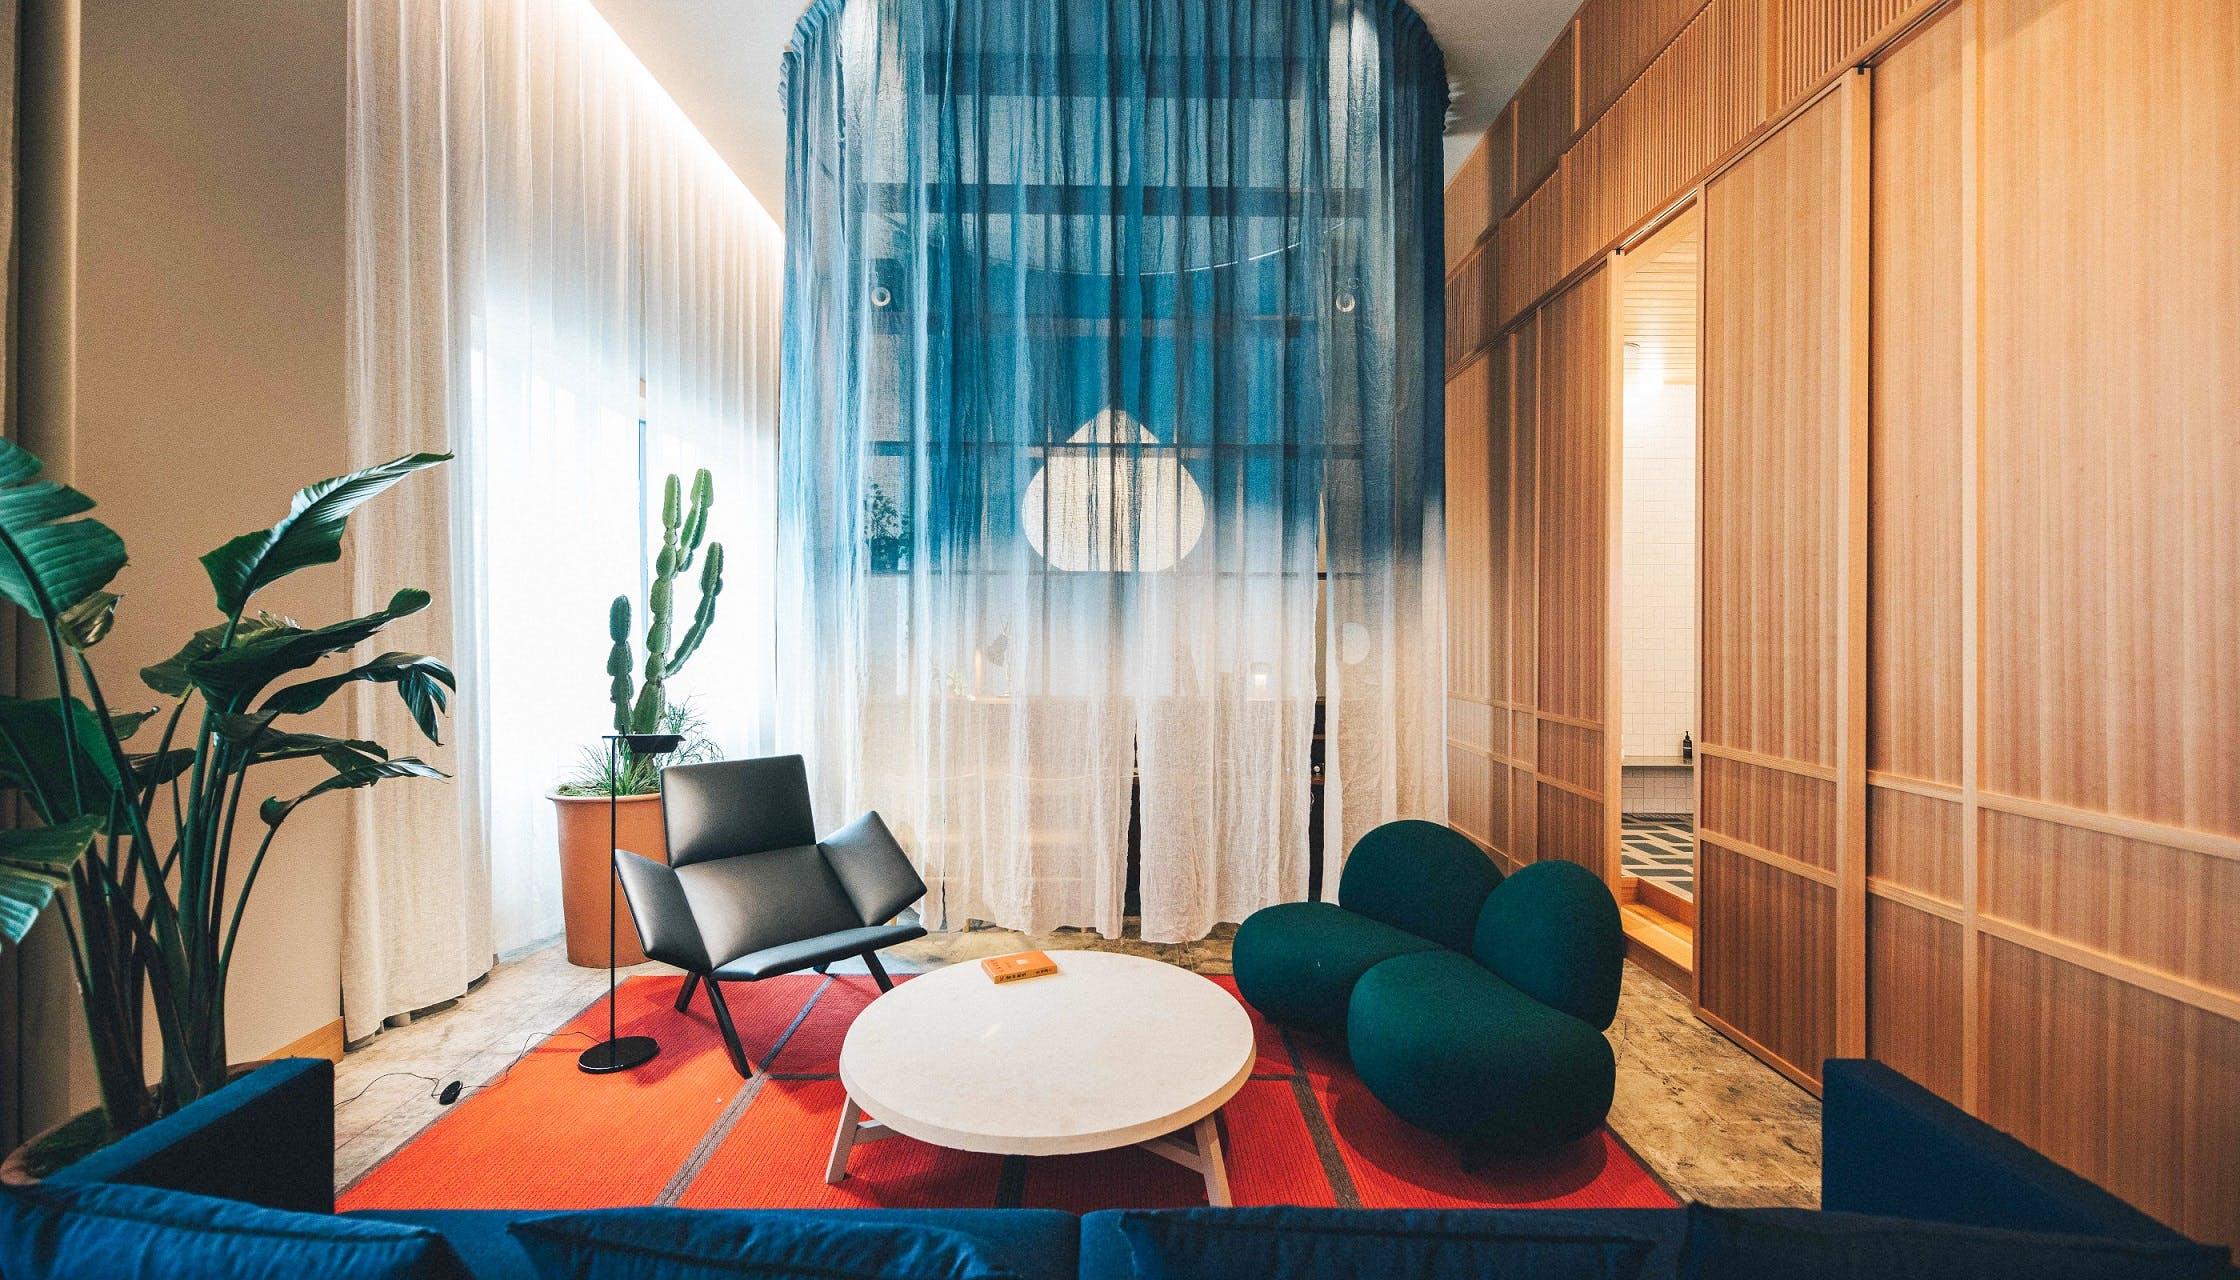 2020年に泊まりたい話題の最新デザイナーズホテル6選